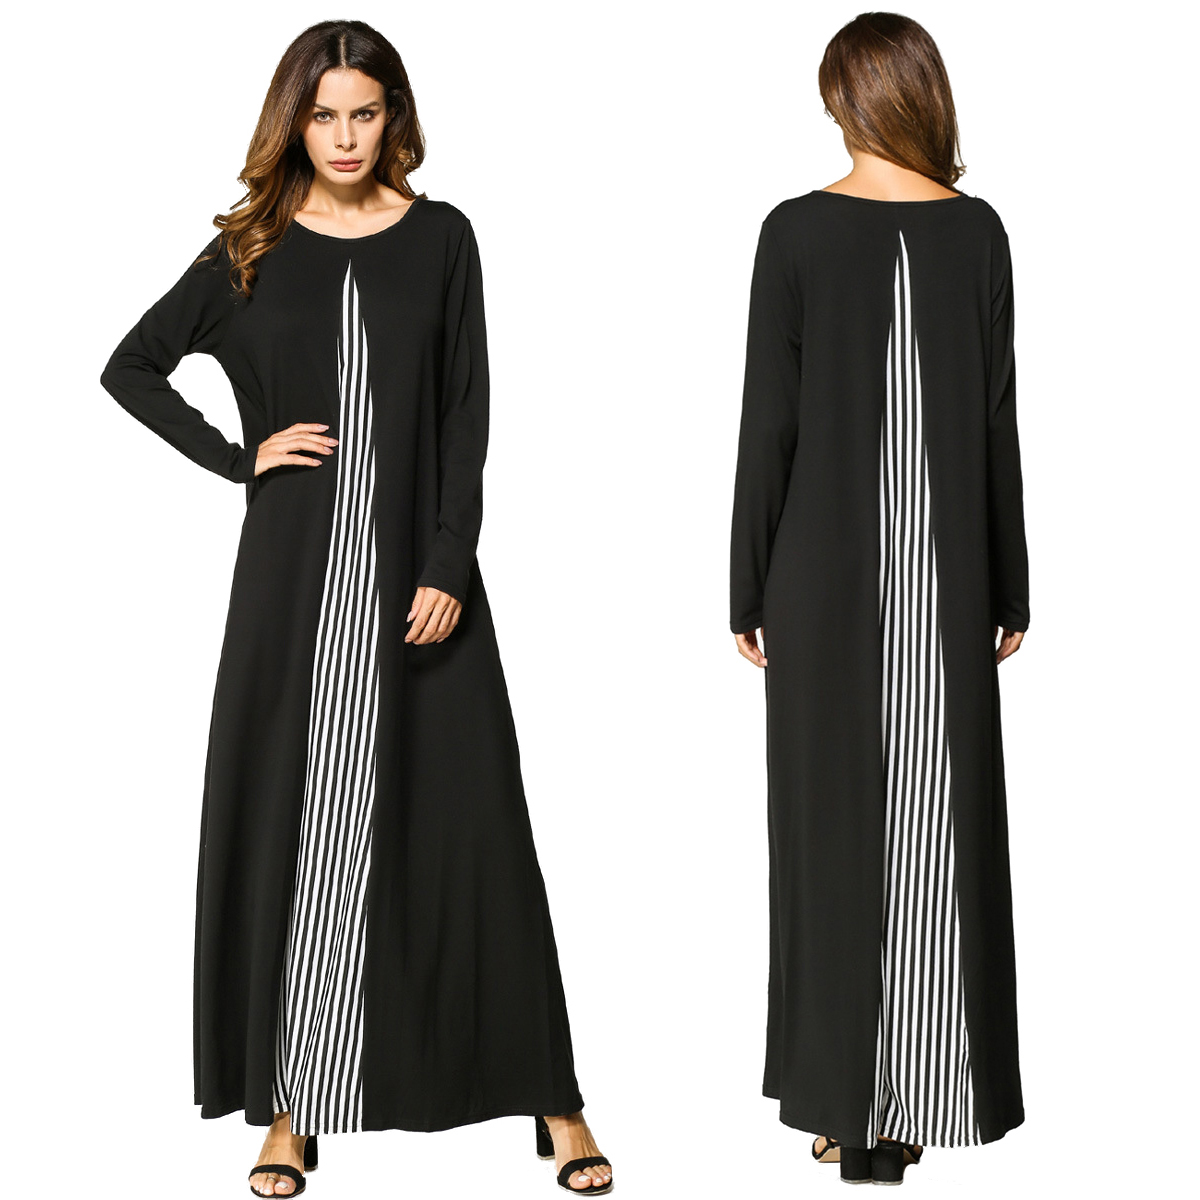 a8bc9c2247981 Cette robe longue a manches longues a rayures ethniques est douce et  respirante. Vous pouvez le porter seul ou le porter dans votre abaya pour  la mode et ...